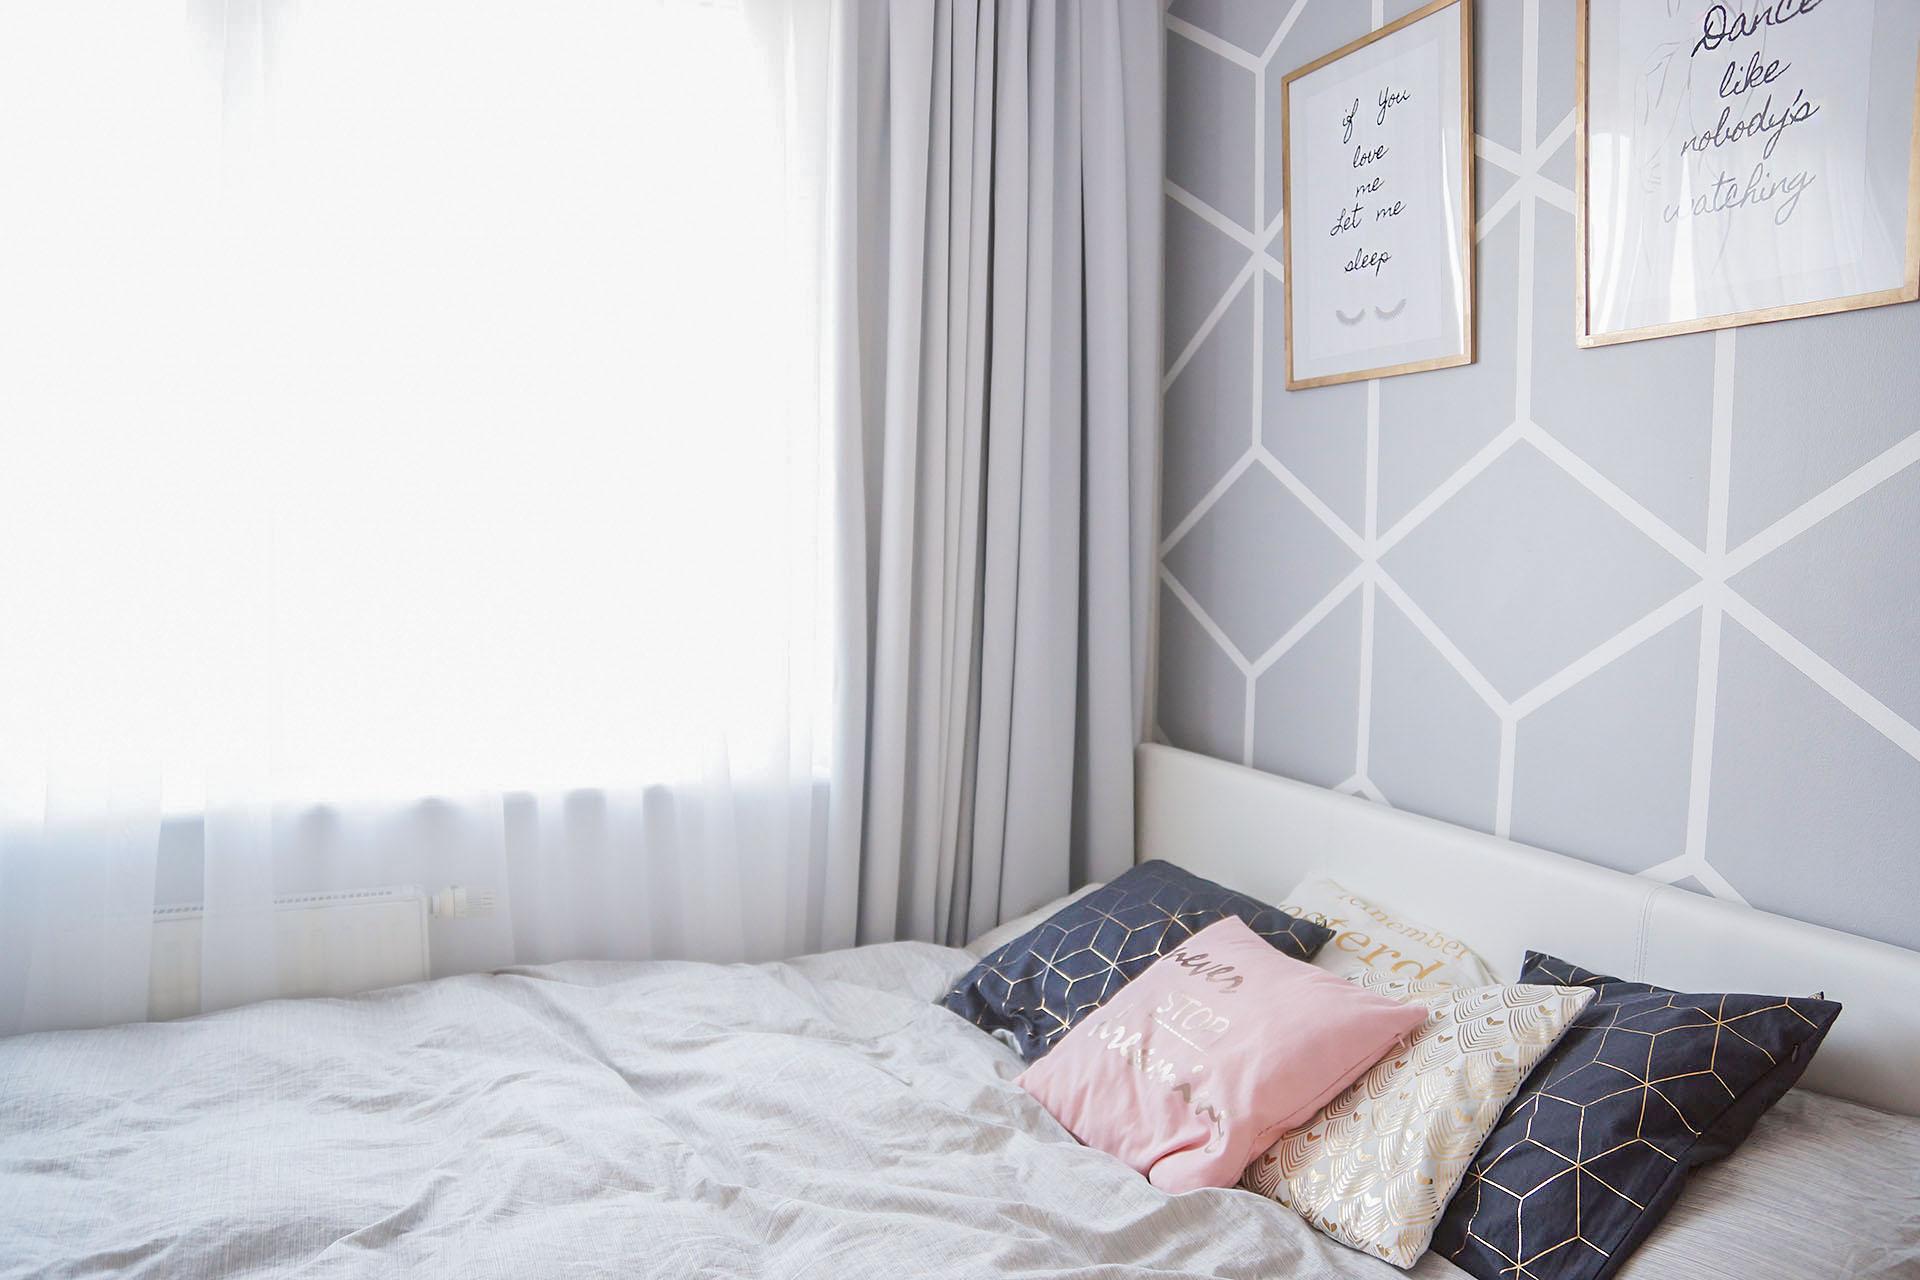 Metamorfoza Małej Sypialni Jak Niskim Kosztem Odmienić Wnętrze